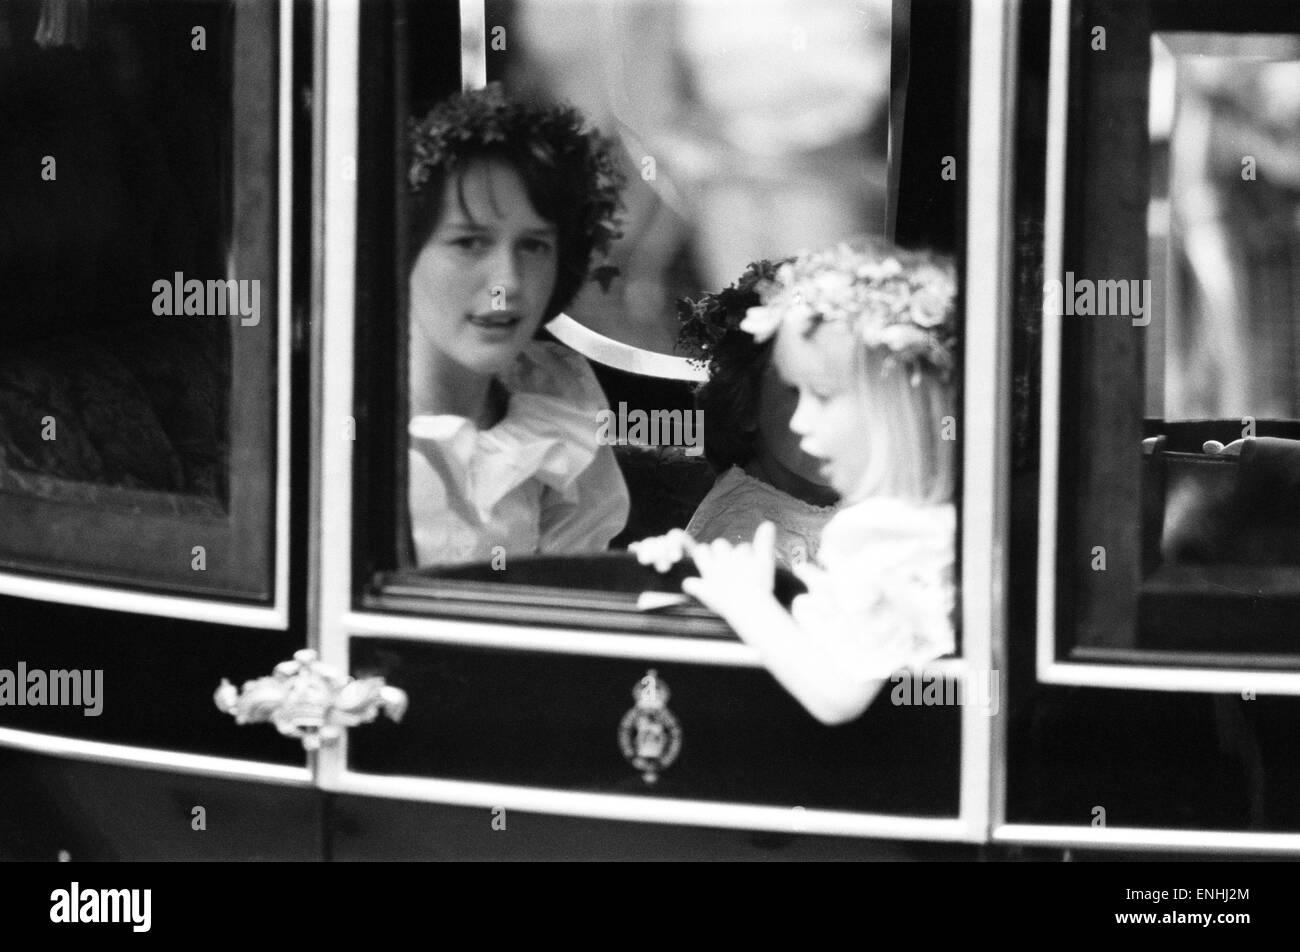 Jour du Mariage du Prince Charles et de Lady Diana Spencer, le 29 juillet 1981. Sur la photo: suite nuptiale de bord en cortège royal, l'Inde Hicks (de 13) & Hambro Clémentine (5 ans). Banque D'Images